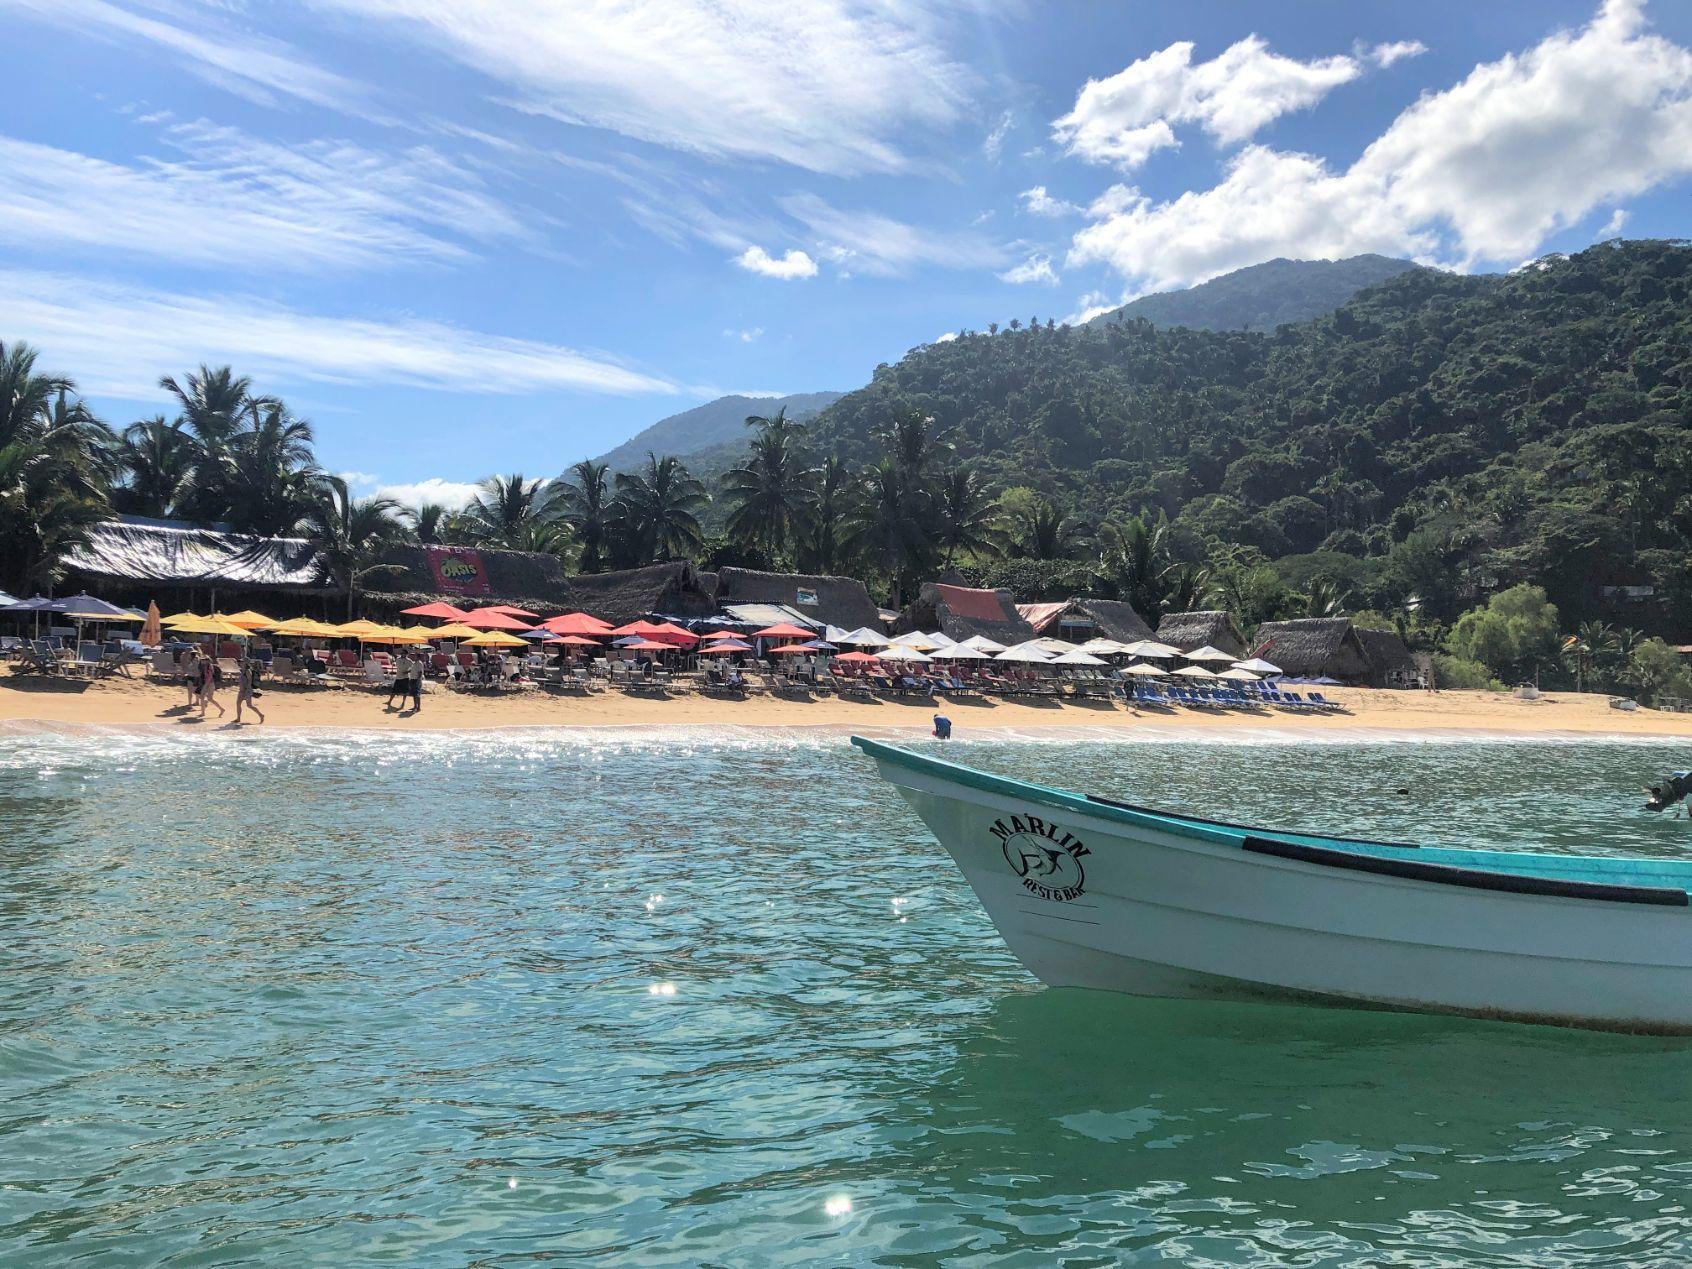 Playa Yelapa in Puerto Vallarta